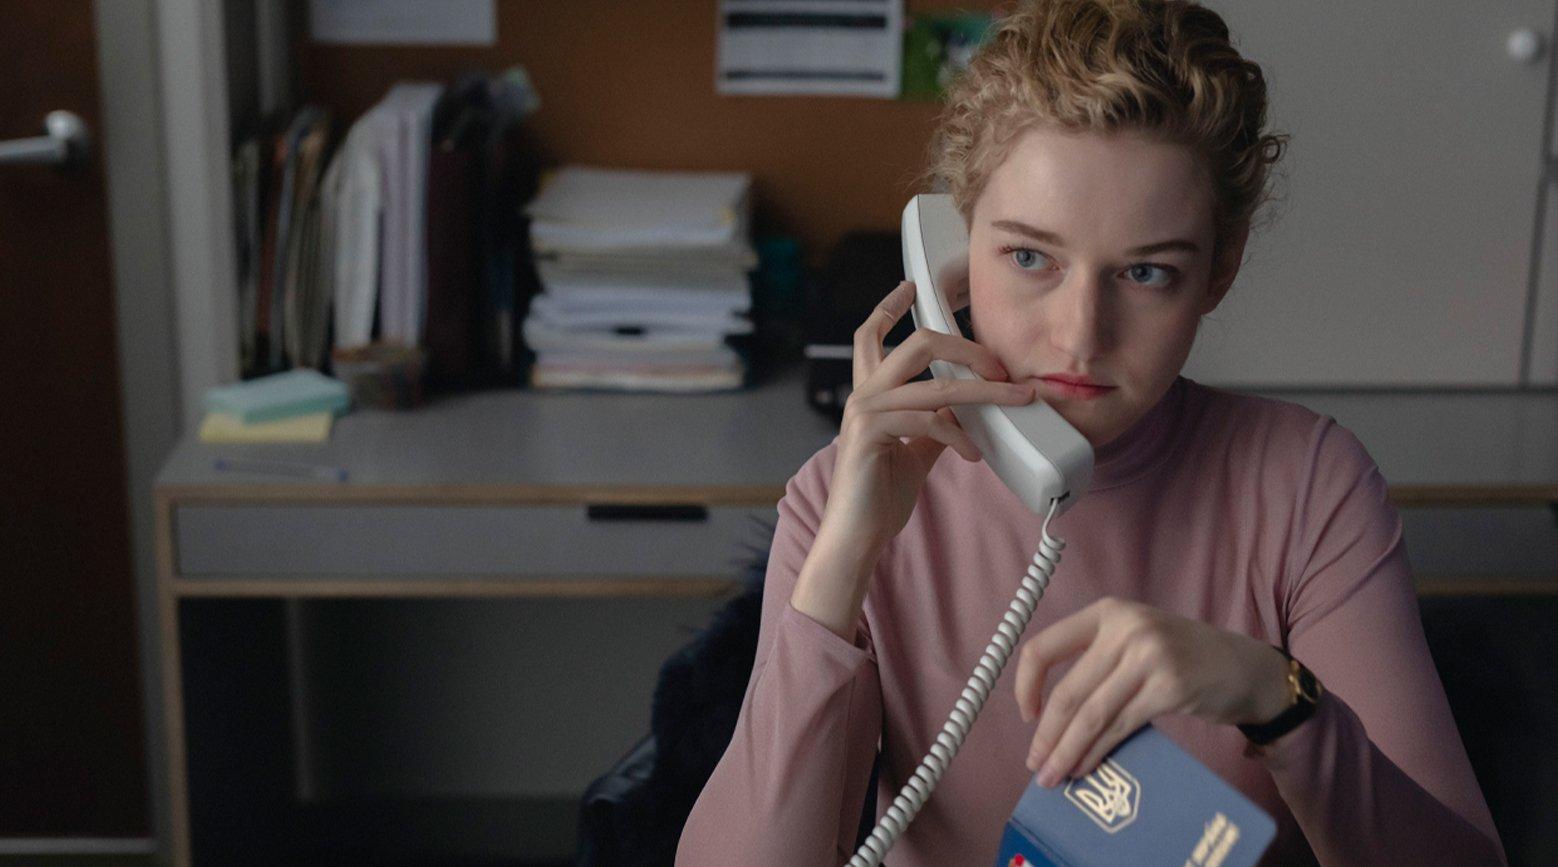 A imagem é uma cena do filme A Assistente. Nela, está a atriz Julia Garner, que interpreta a personagem Jane. Jane é uma mulher branca, de olhos azuis, cabelos loiros e amarrados em um coque, ela veste uma blusa rosa de gola alta e mangas compridas e usa um relógio preto em seu pulso esquerdo. Na cena, Jane está no escritório do trabalho sentada em uma cadeira, é possível ver da sua cintura para cima. Ela está falando a um telefone branco com fio, segurando-o com sua mão direita, e está com o que parece ser um passaporte em sua mão esquerda. Ela olha fixamente para o lado direito, com um olhar de preocupação.